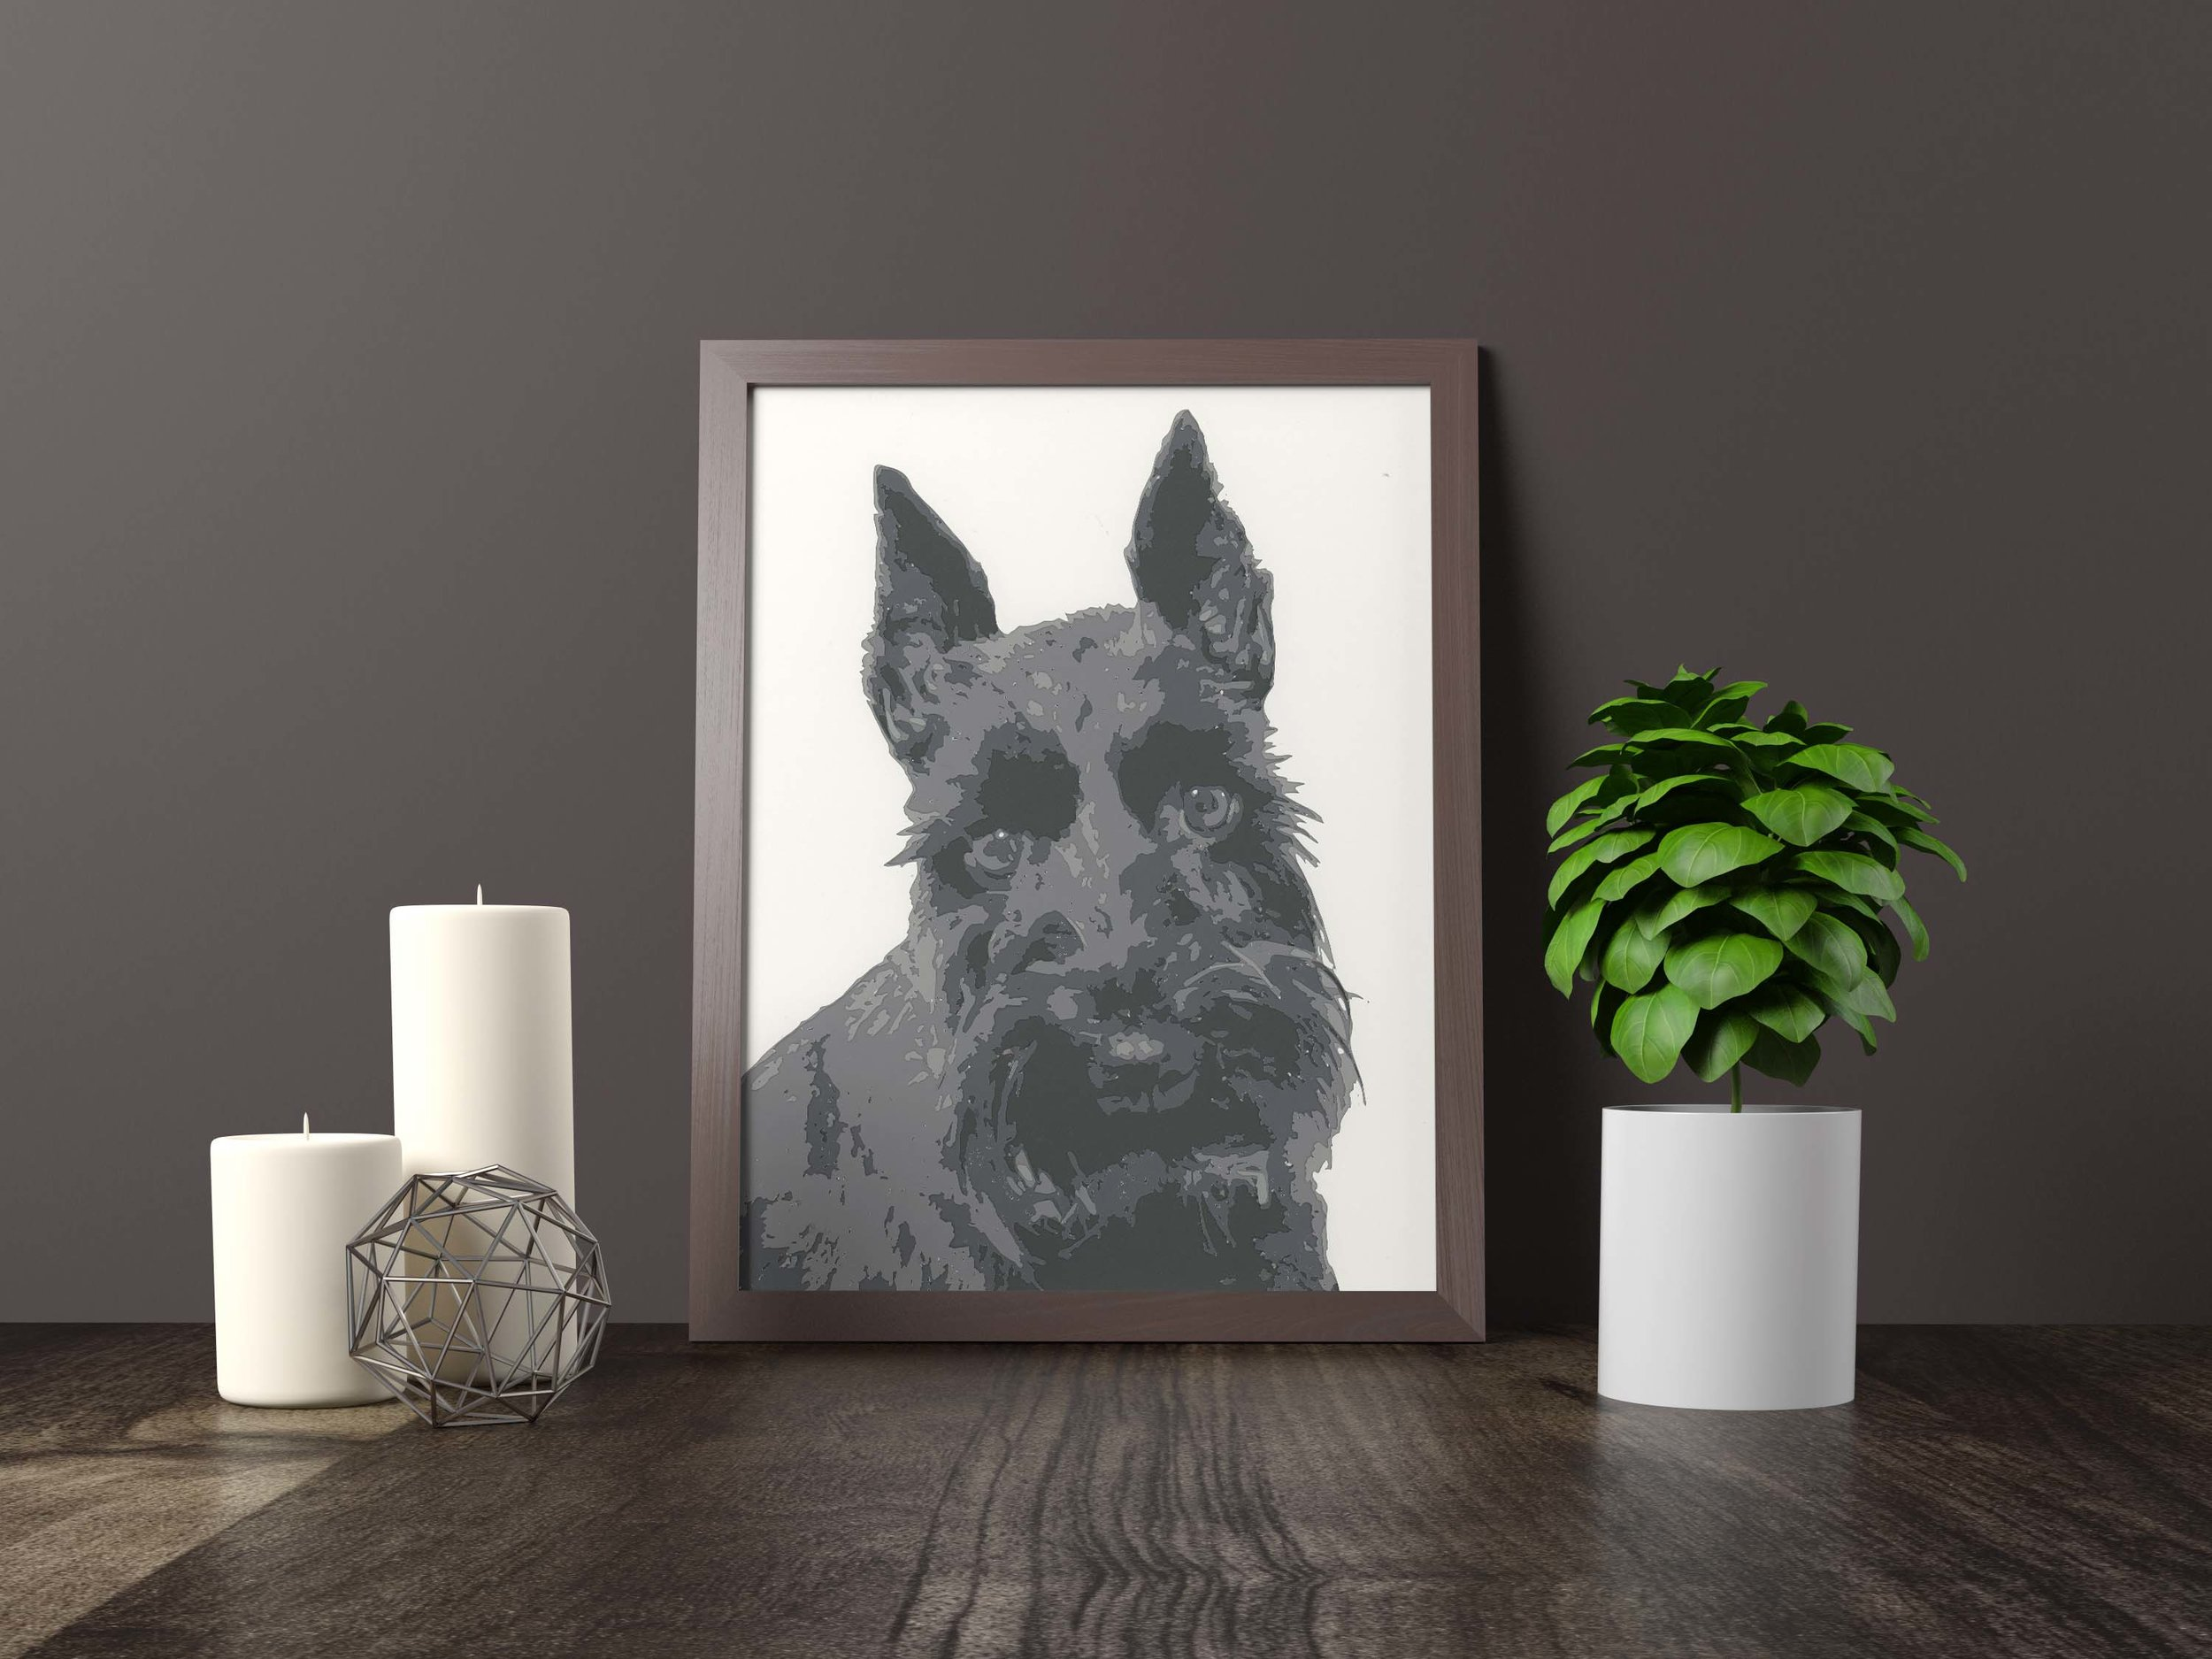 scottie dog - Private Commission *SOLD* 11